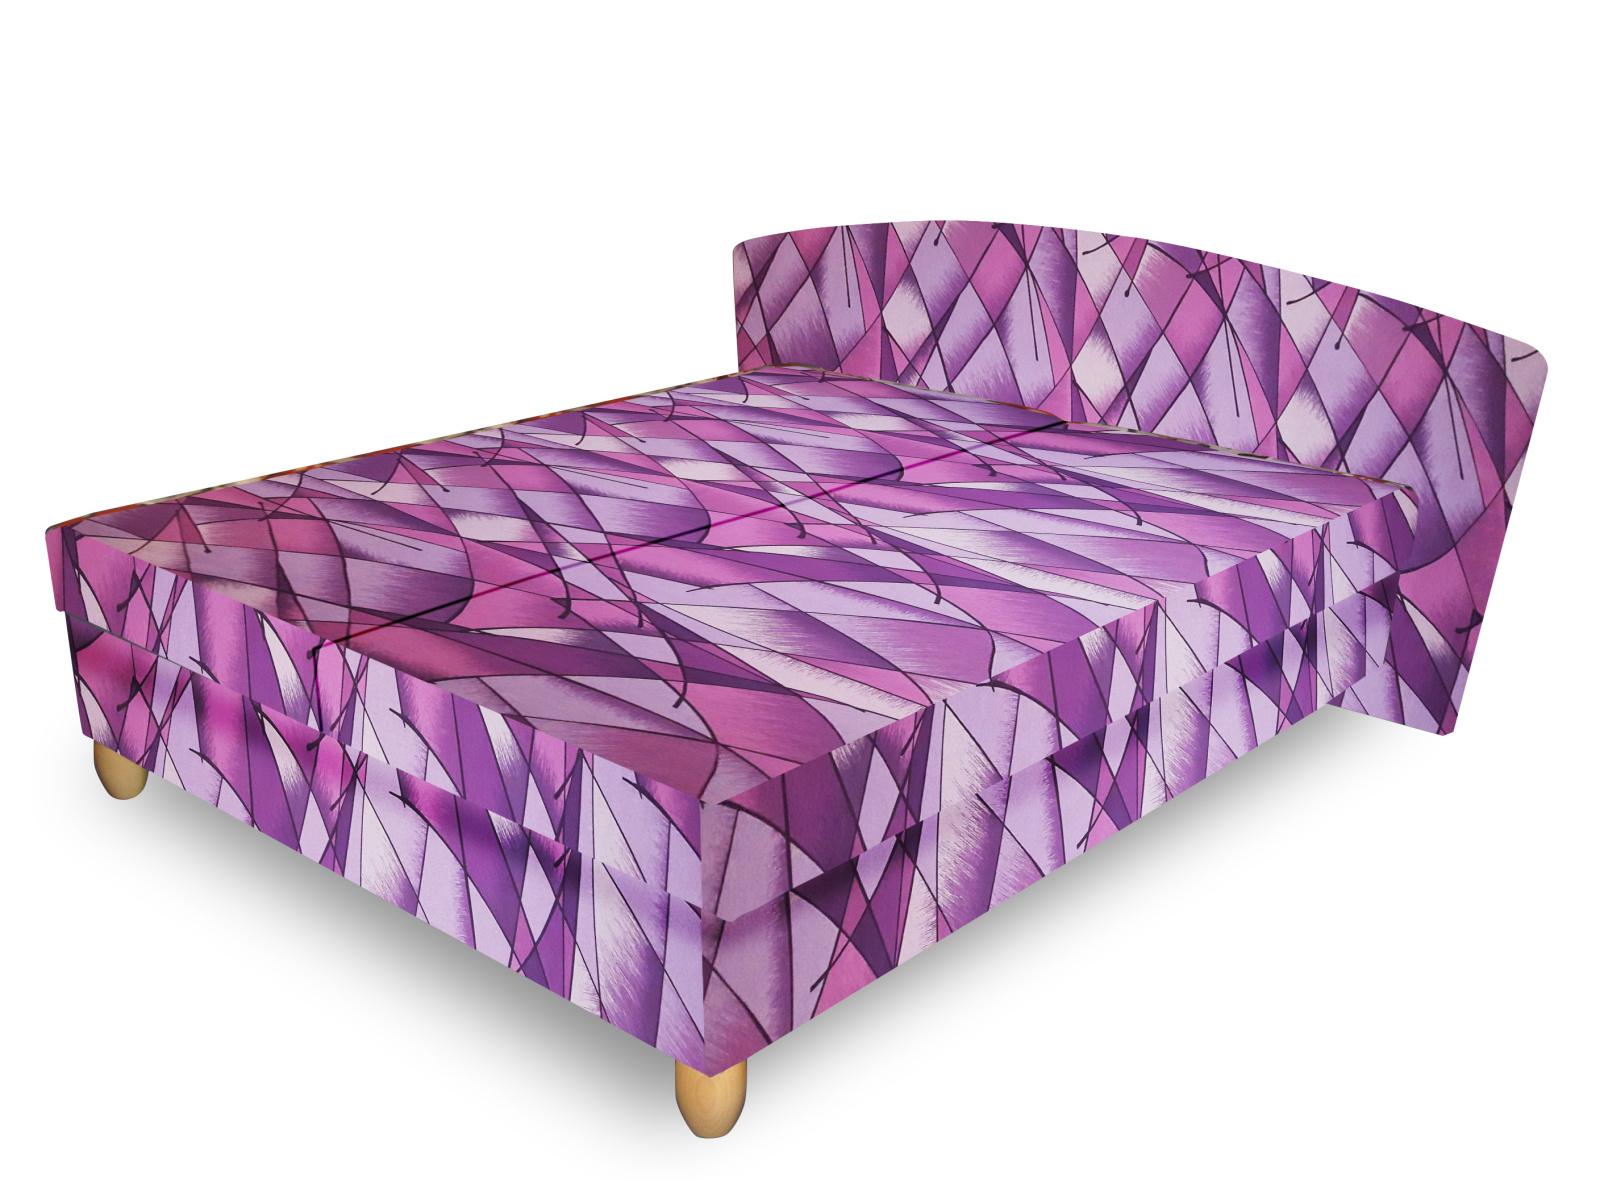 Smartshop Čalouněná postel NICOL 160x195 cm, fialová látka